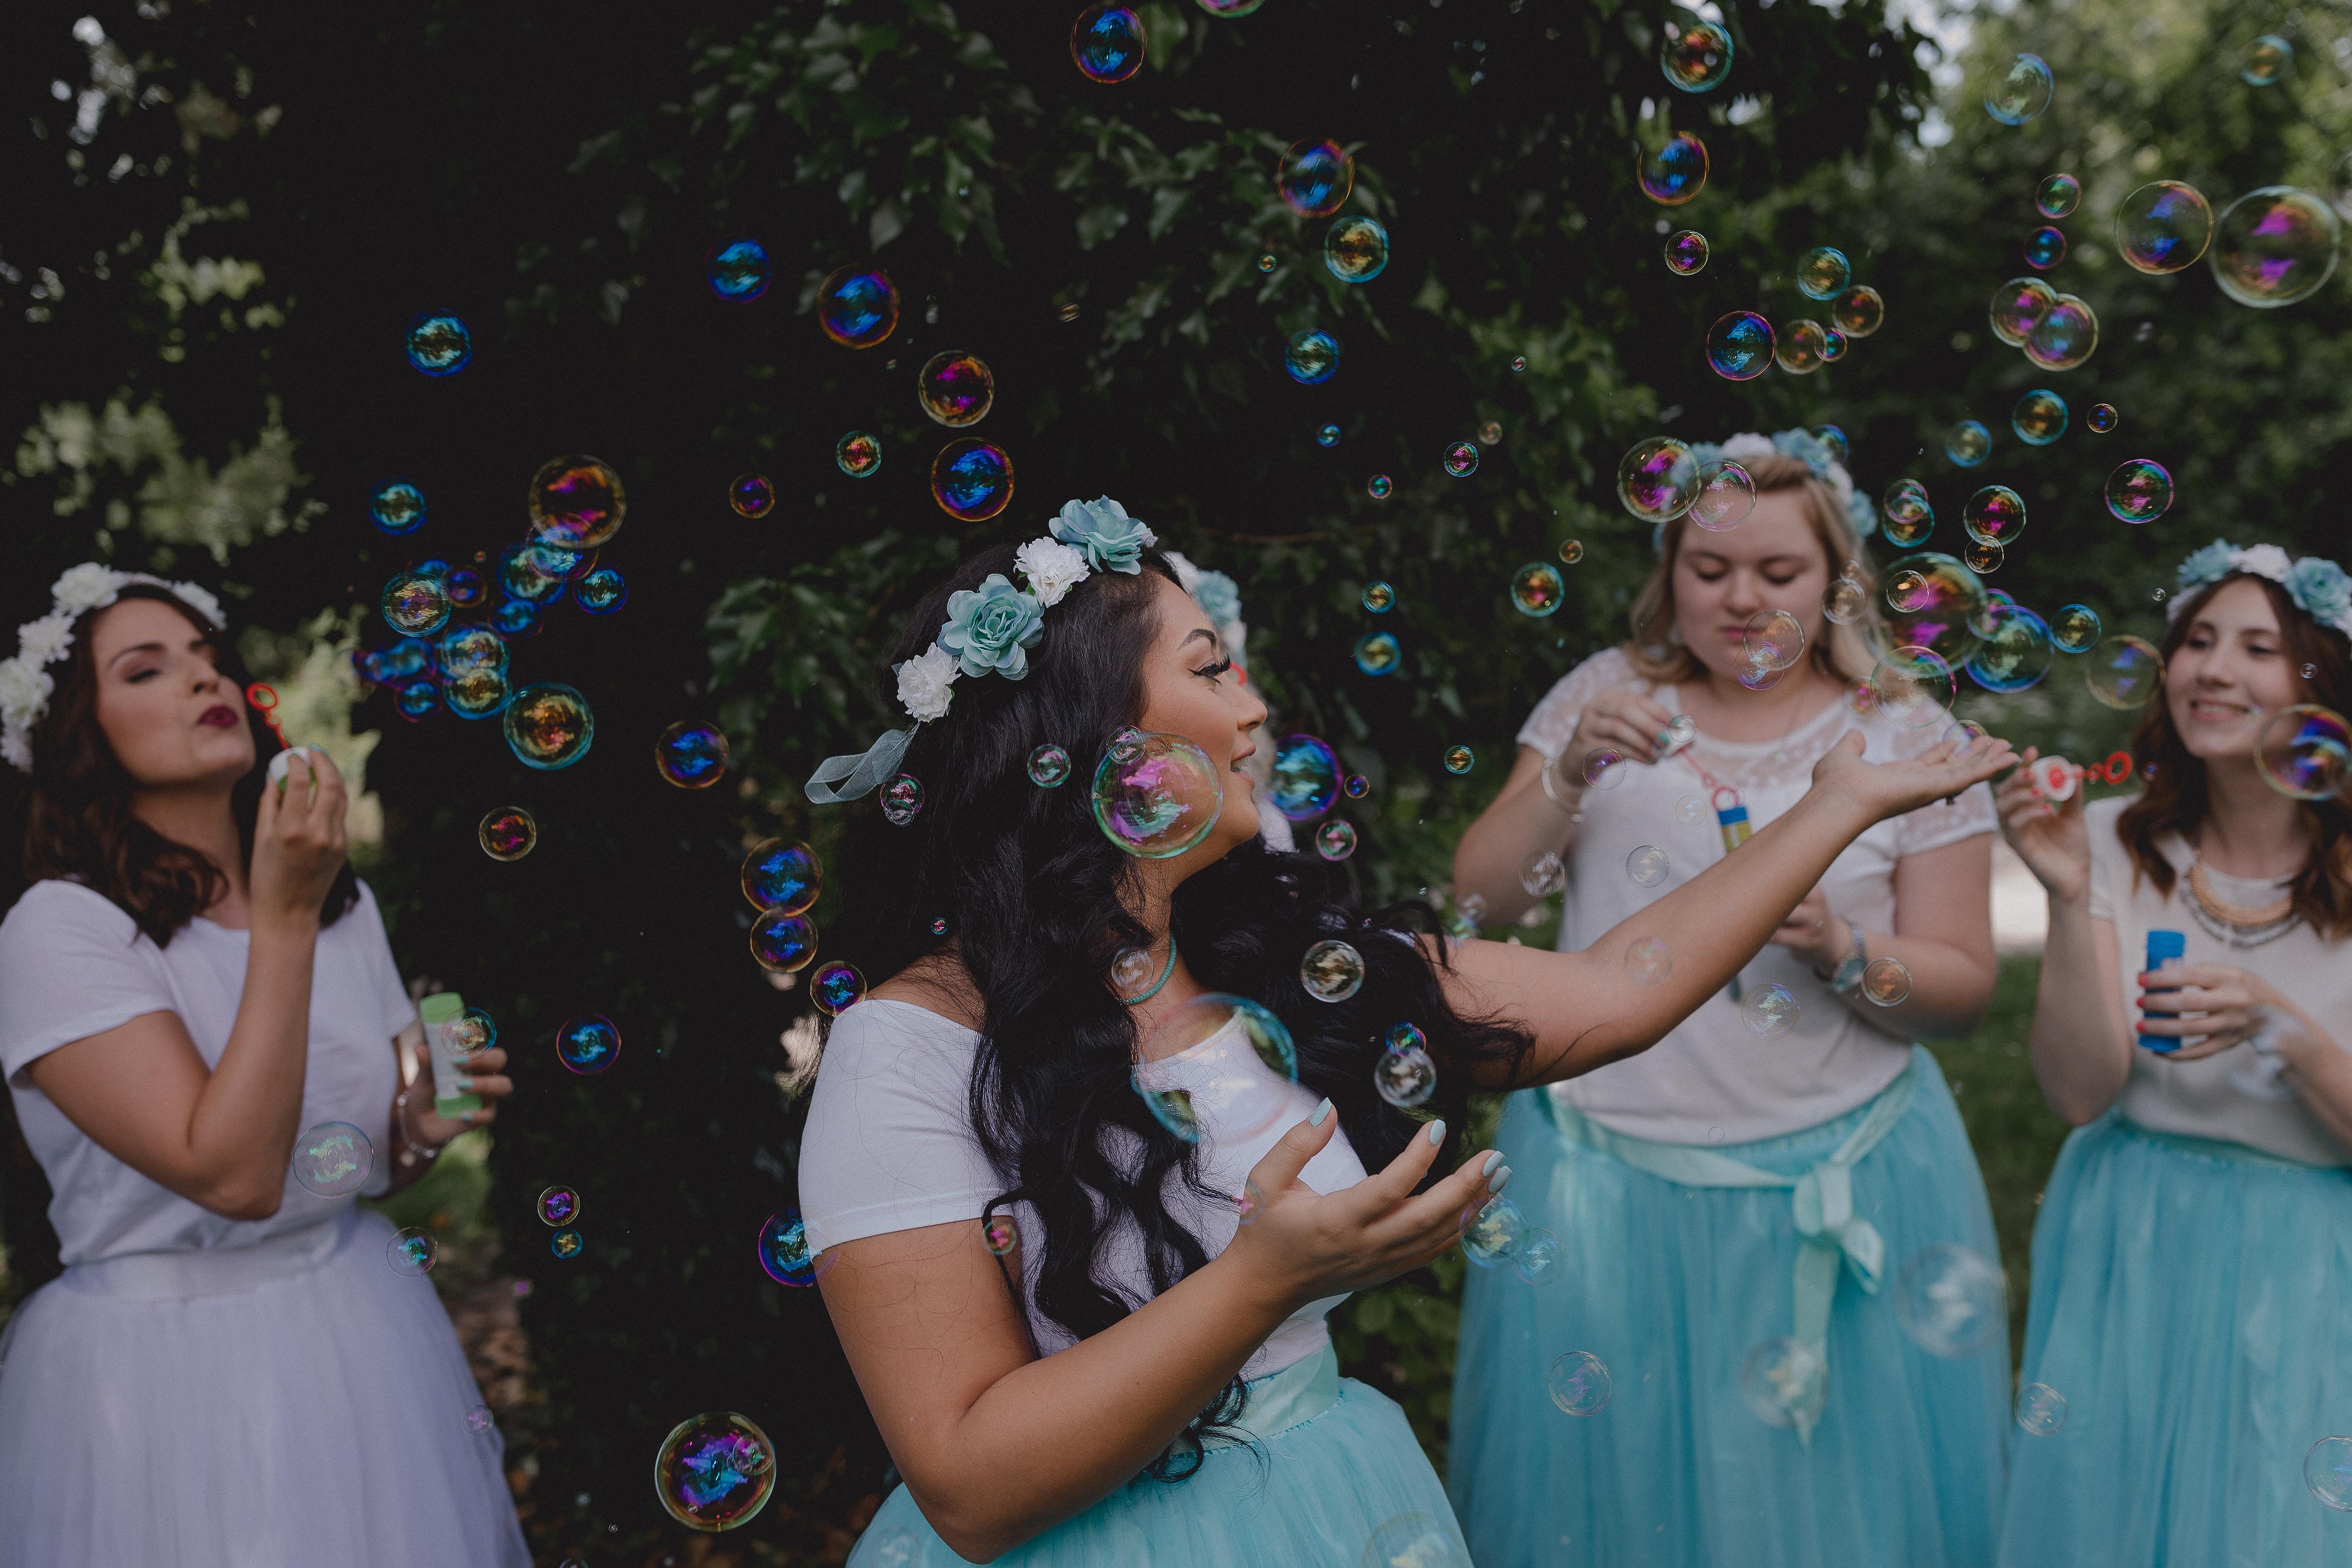 URBANERIE_Daniela_Goth_Hochzeitsfotografin_Nuernberg_Fuerth_Erlangen_180602_0086